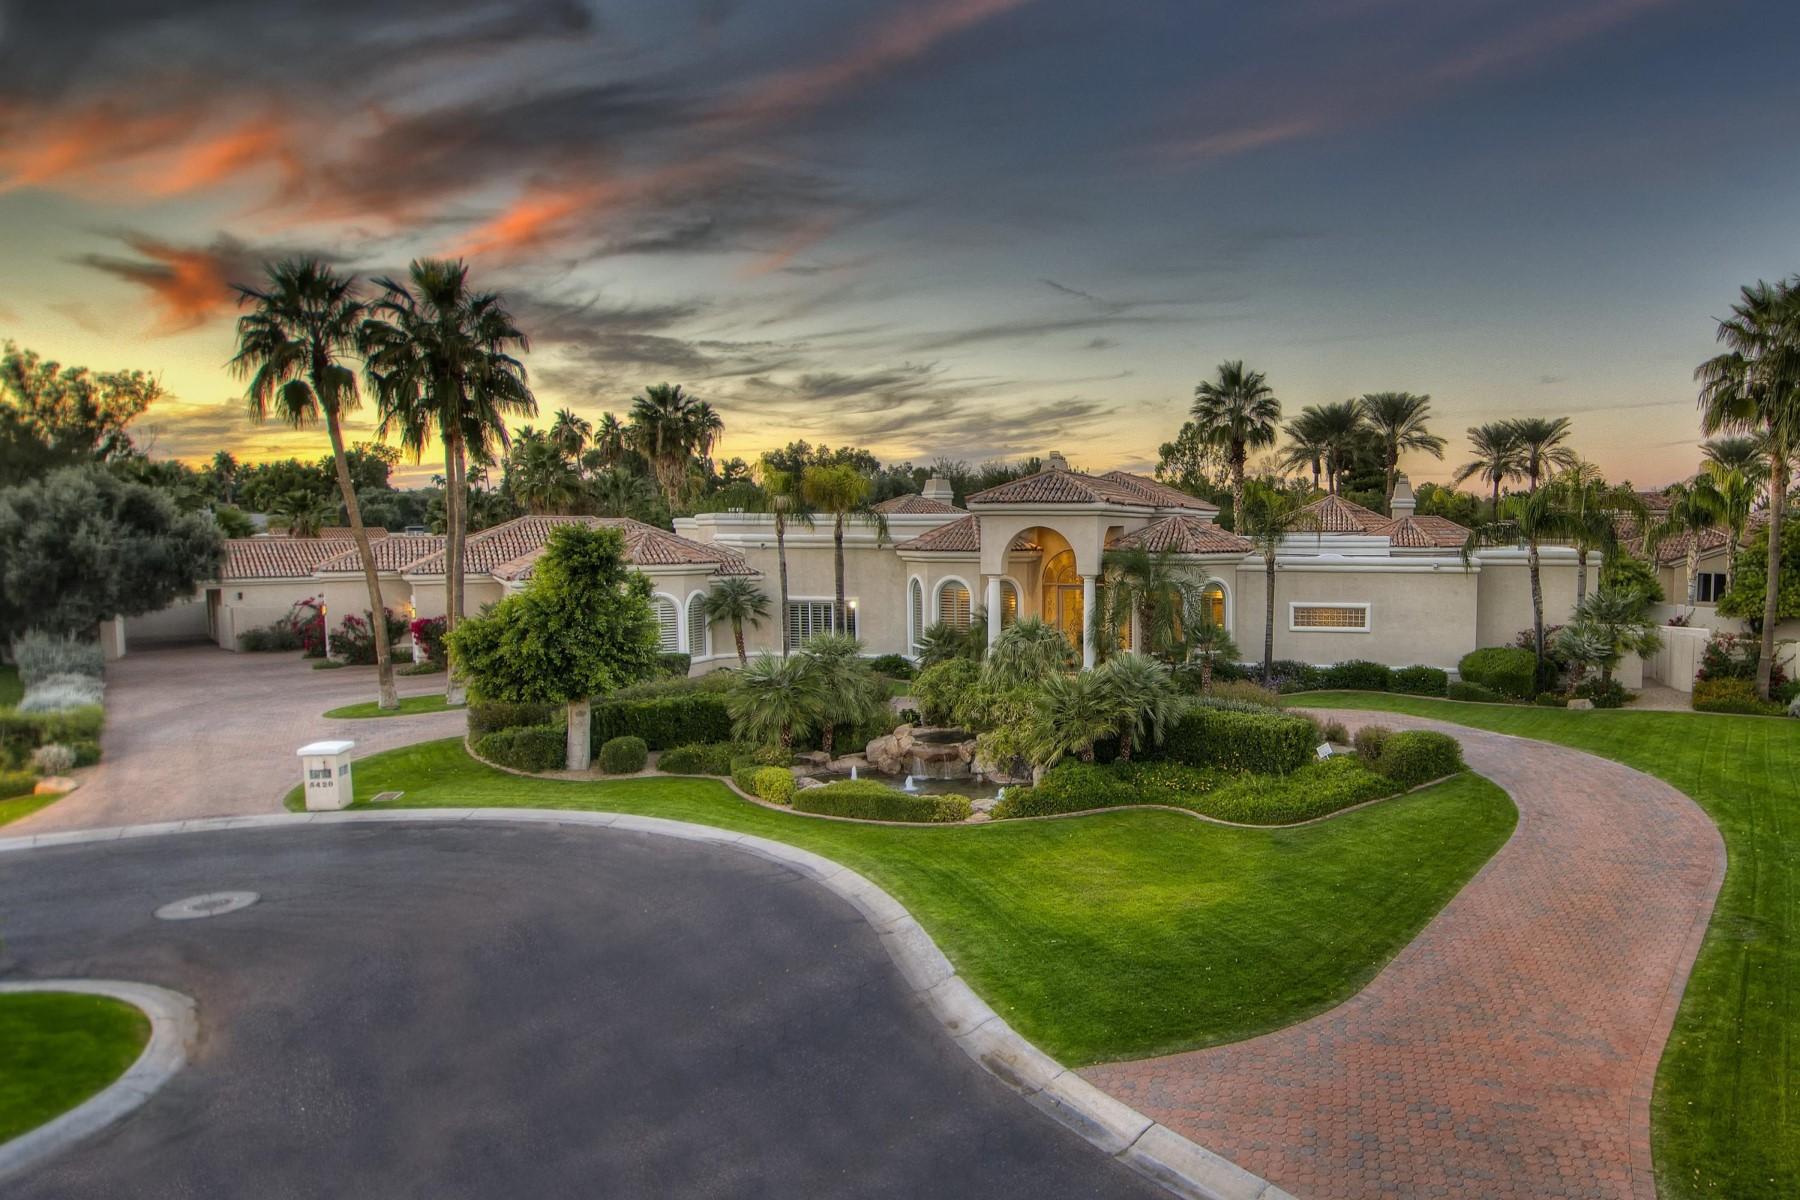 Tek Ailelik Ev için Satış at Elegant Santa Barbara-style home 5420 E Berneil Dr Paradise Valley, Arizona, 85253 Amerika Birleşik Devletleri